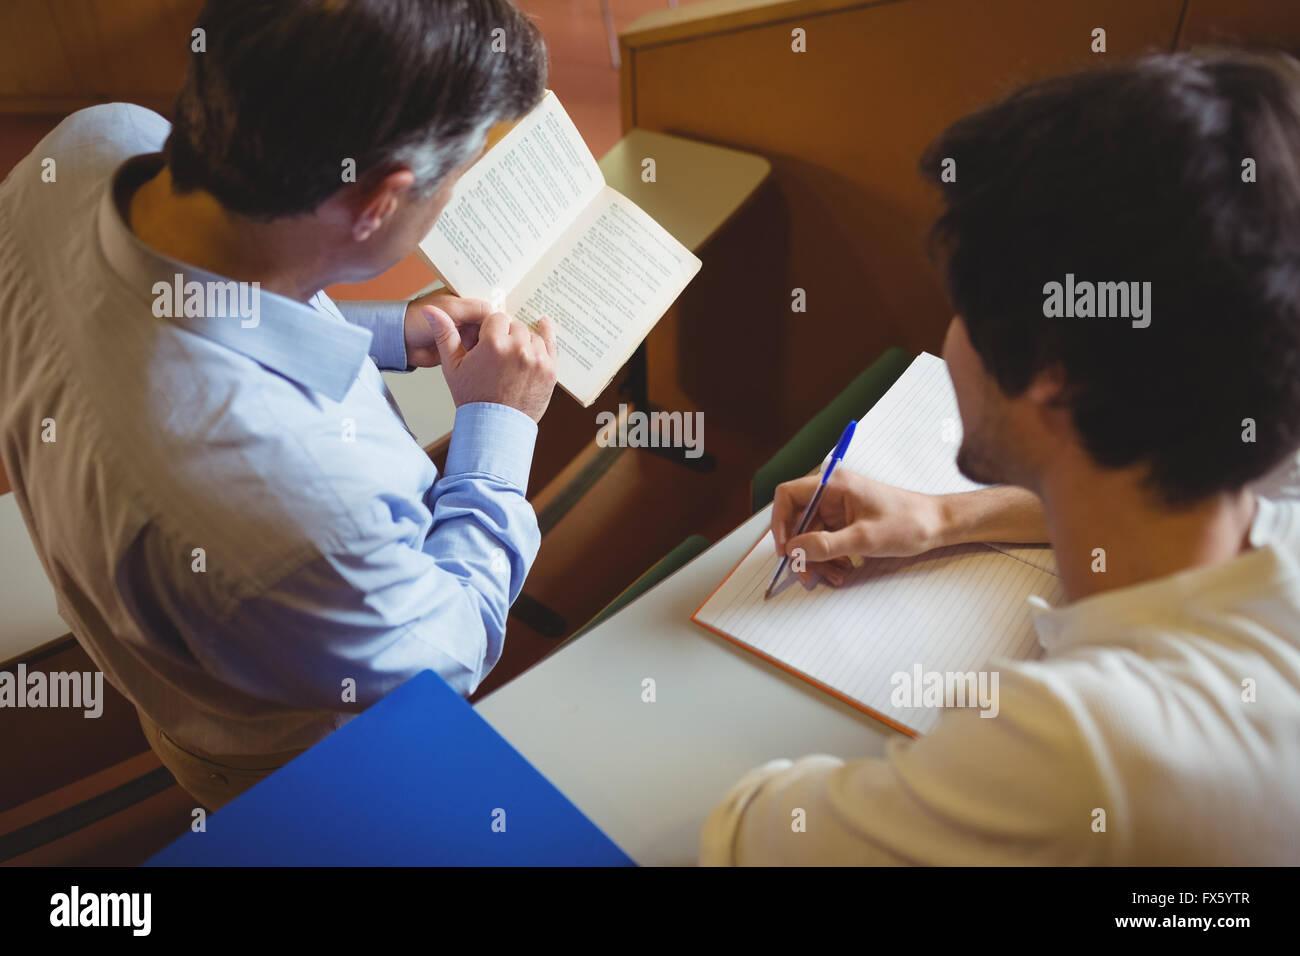 Le professeur aider un étudiant avec son étude Photo Stock